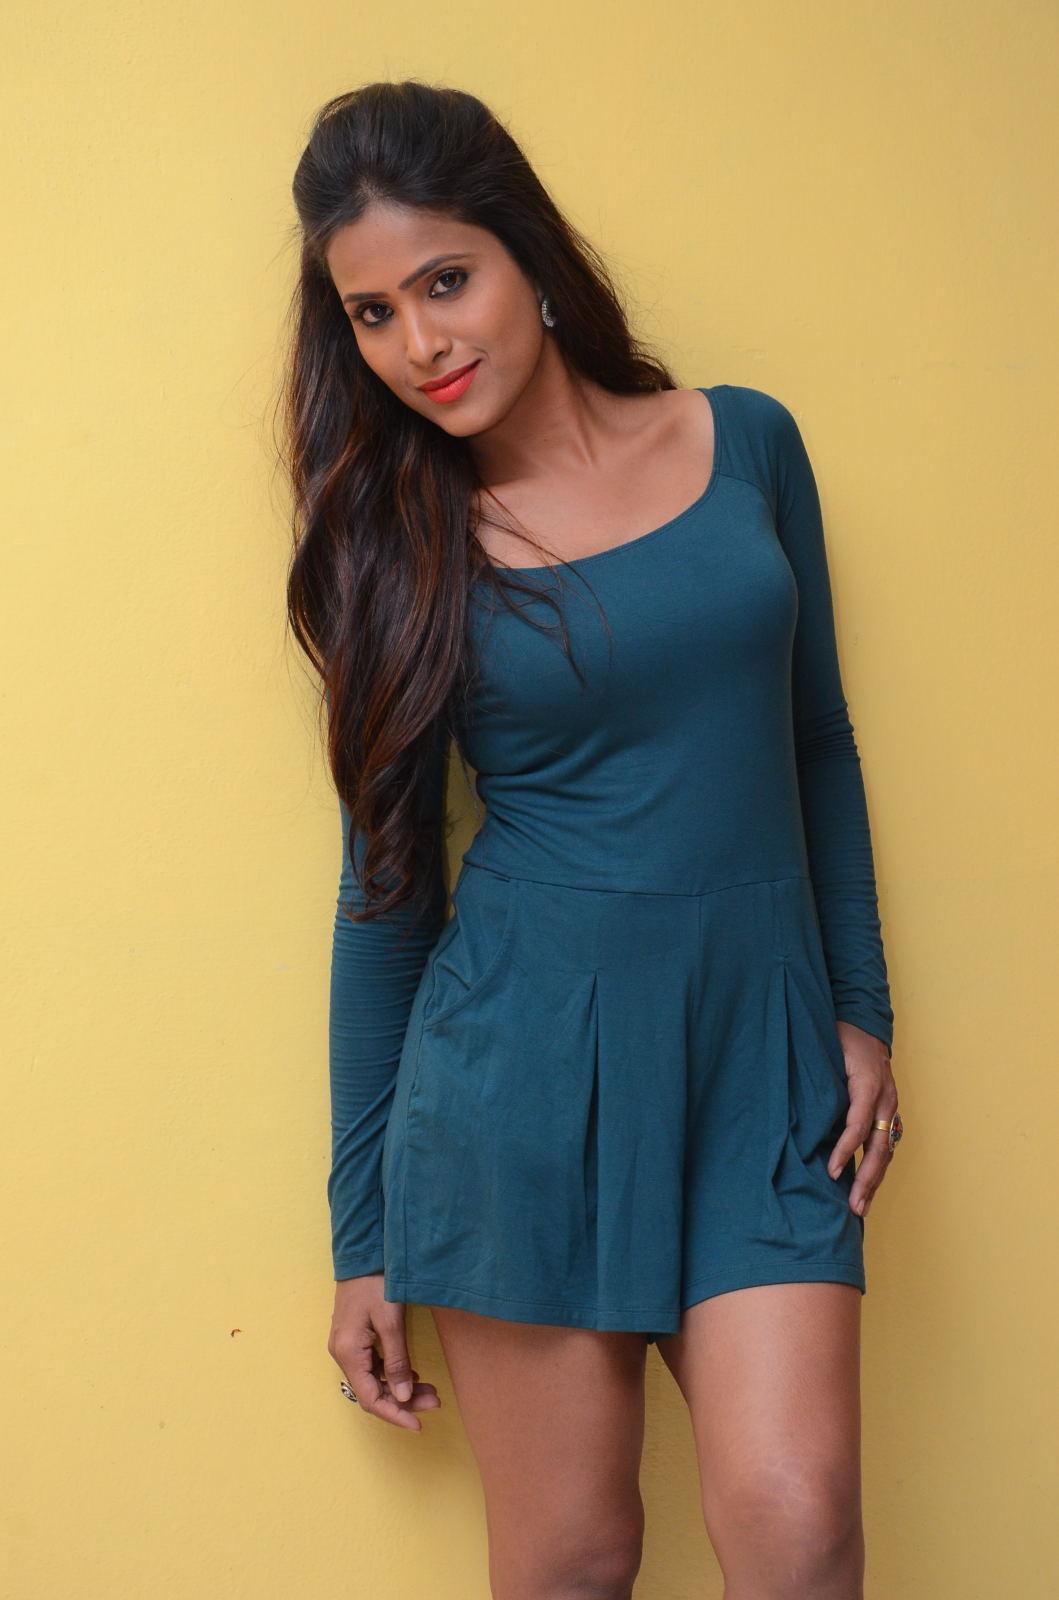 prashanthi Super Hot Prashanthi In Sexy Outfit | Indian Cinema | Models | Actresses Prashanthi Hot Photo Stills 126